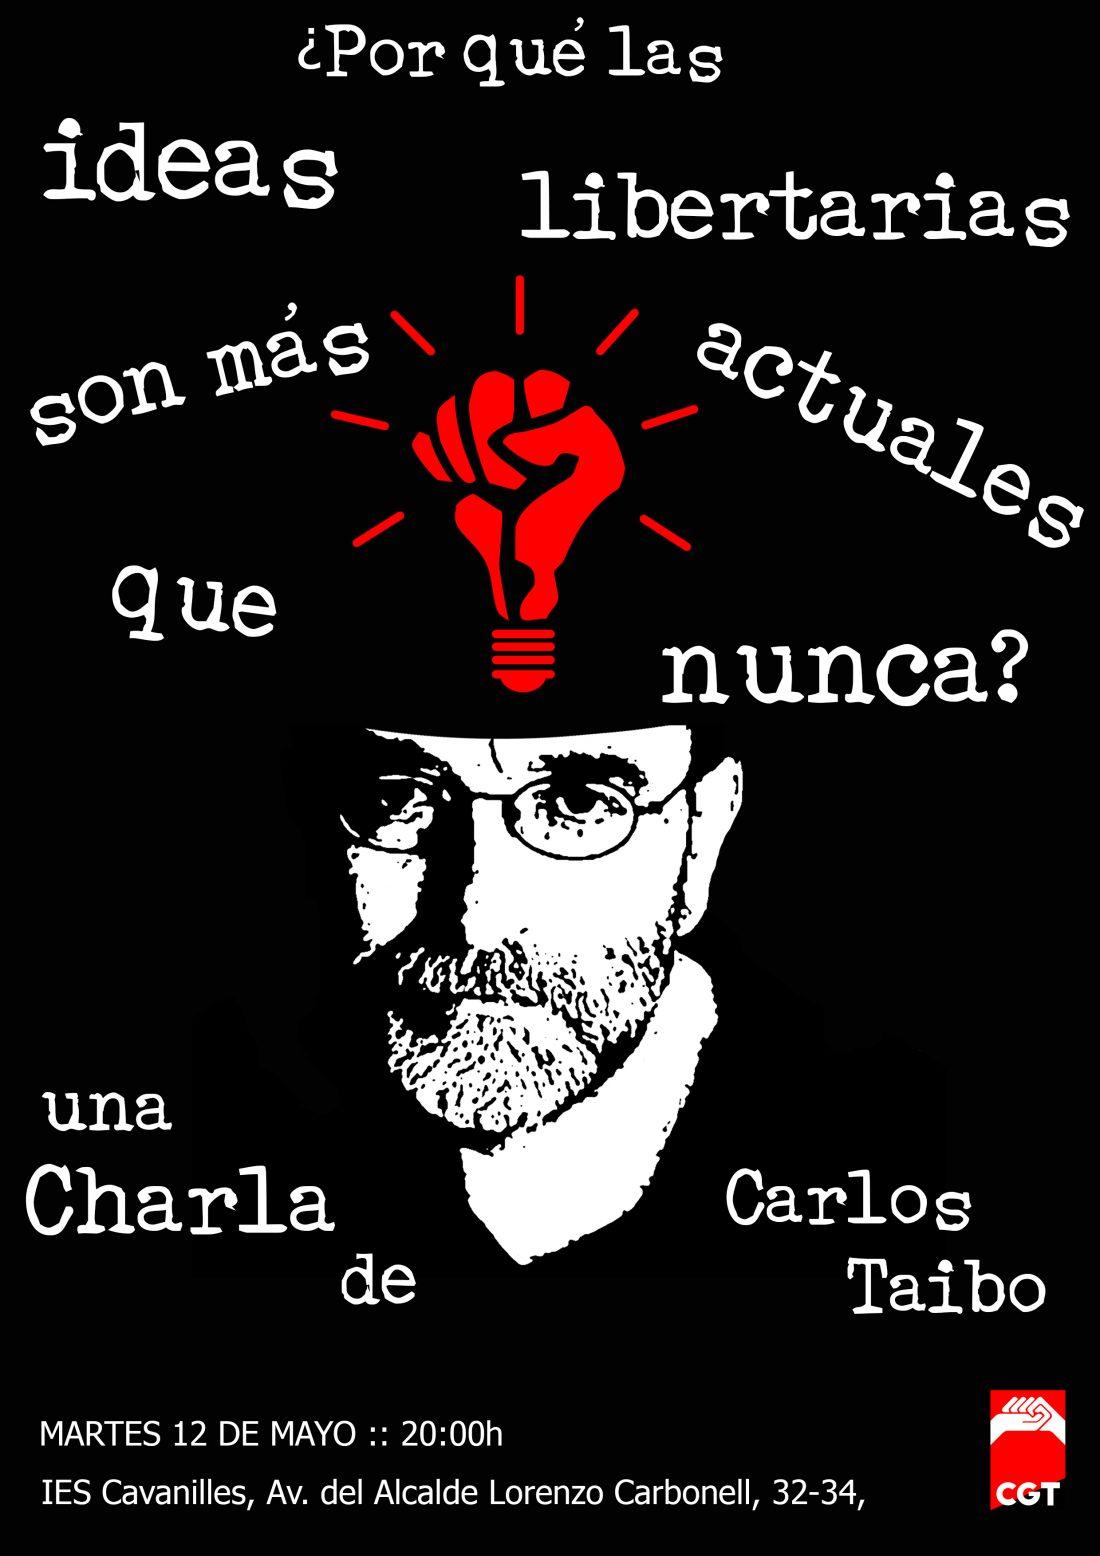 12 de mayo, Alicante: Charla de Carlos Taibo «¿Por qué las ideas libertarias son más actuales que nunca?» organizada por la CGT